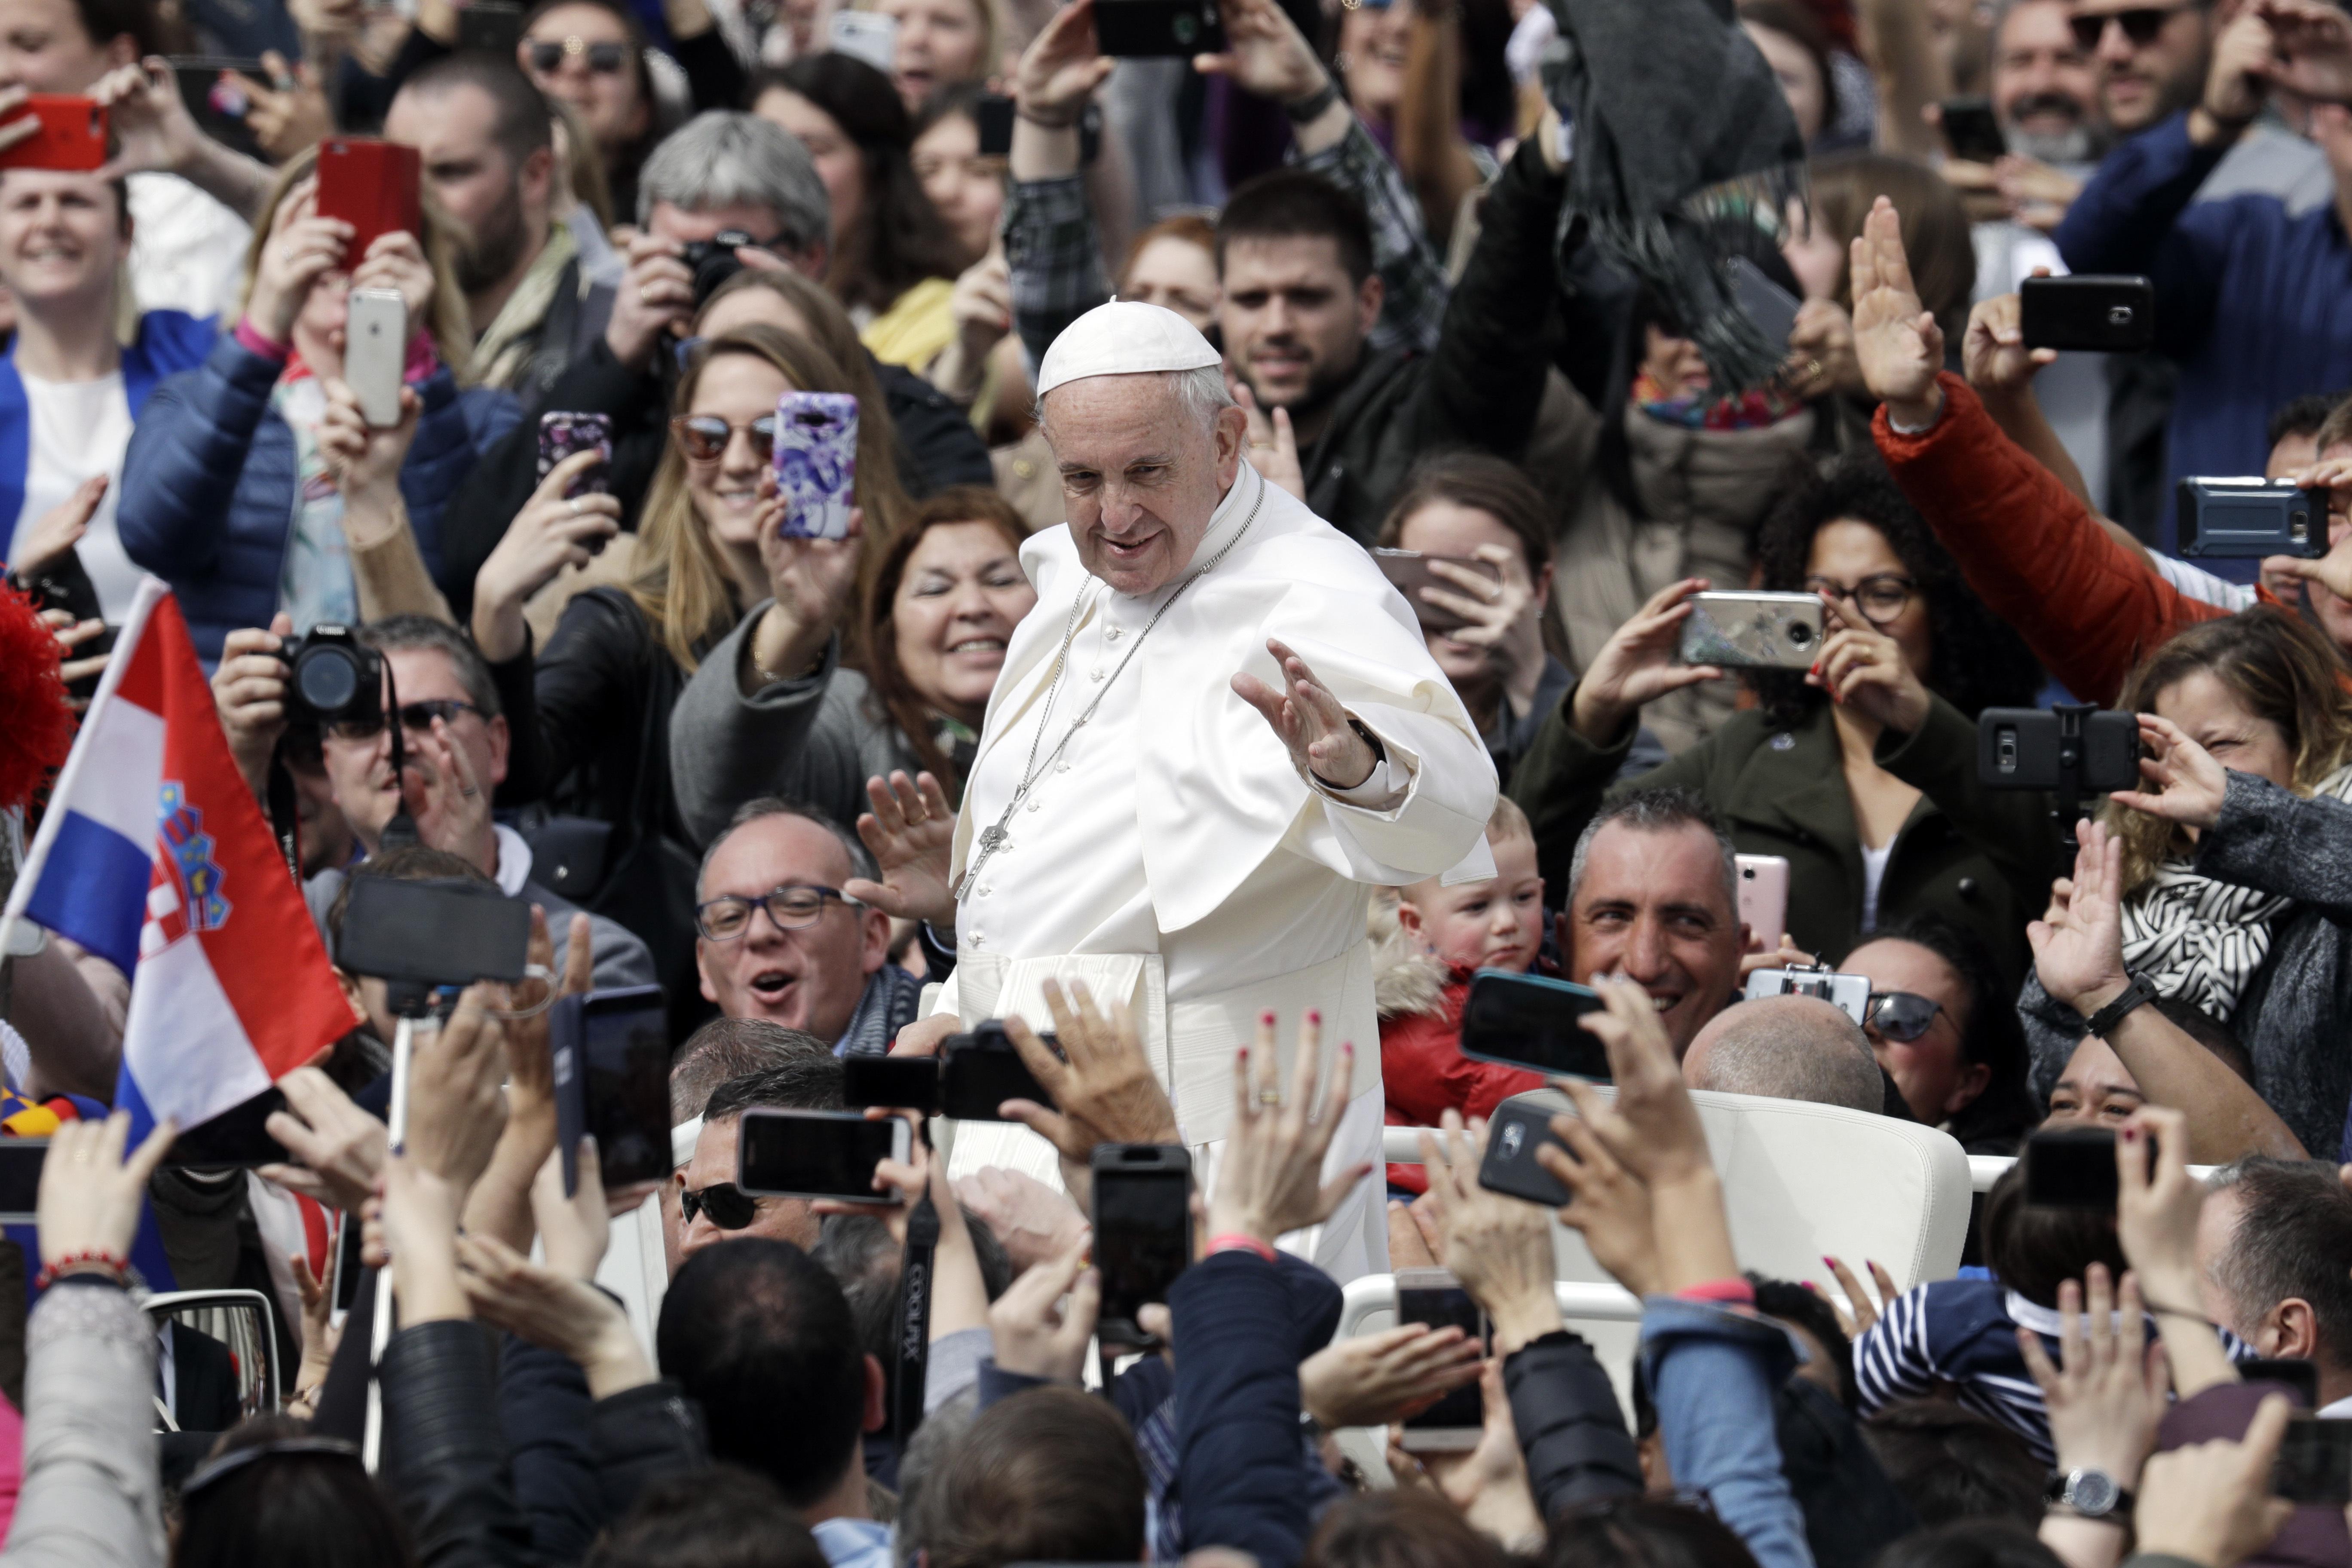 """<div class=""""meta image-caption""""><div class=""""origin-logo origin-image ap""""><span>AP</span></div><span class=""""caption-text"""">Vatican City (AP)</span></div>"""